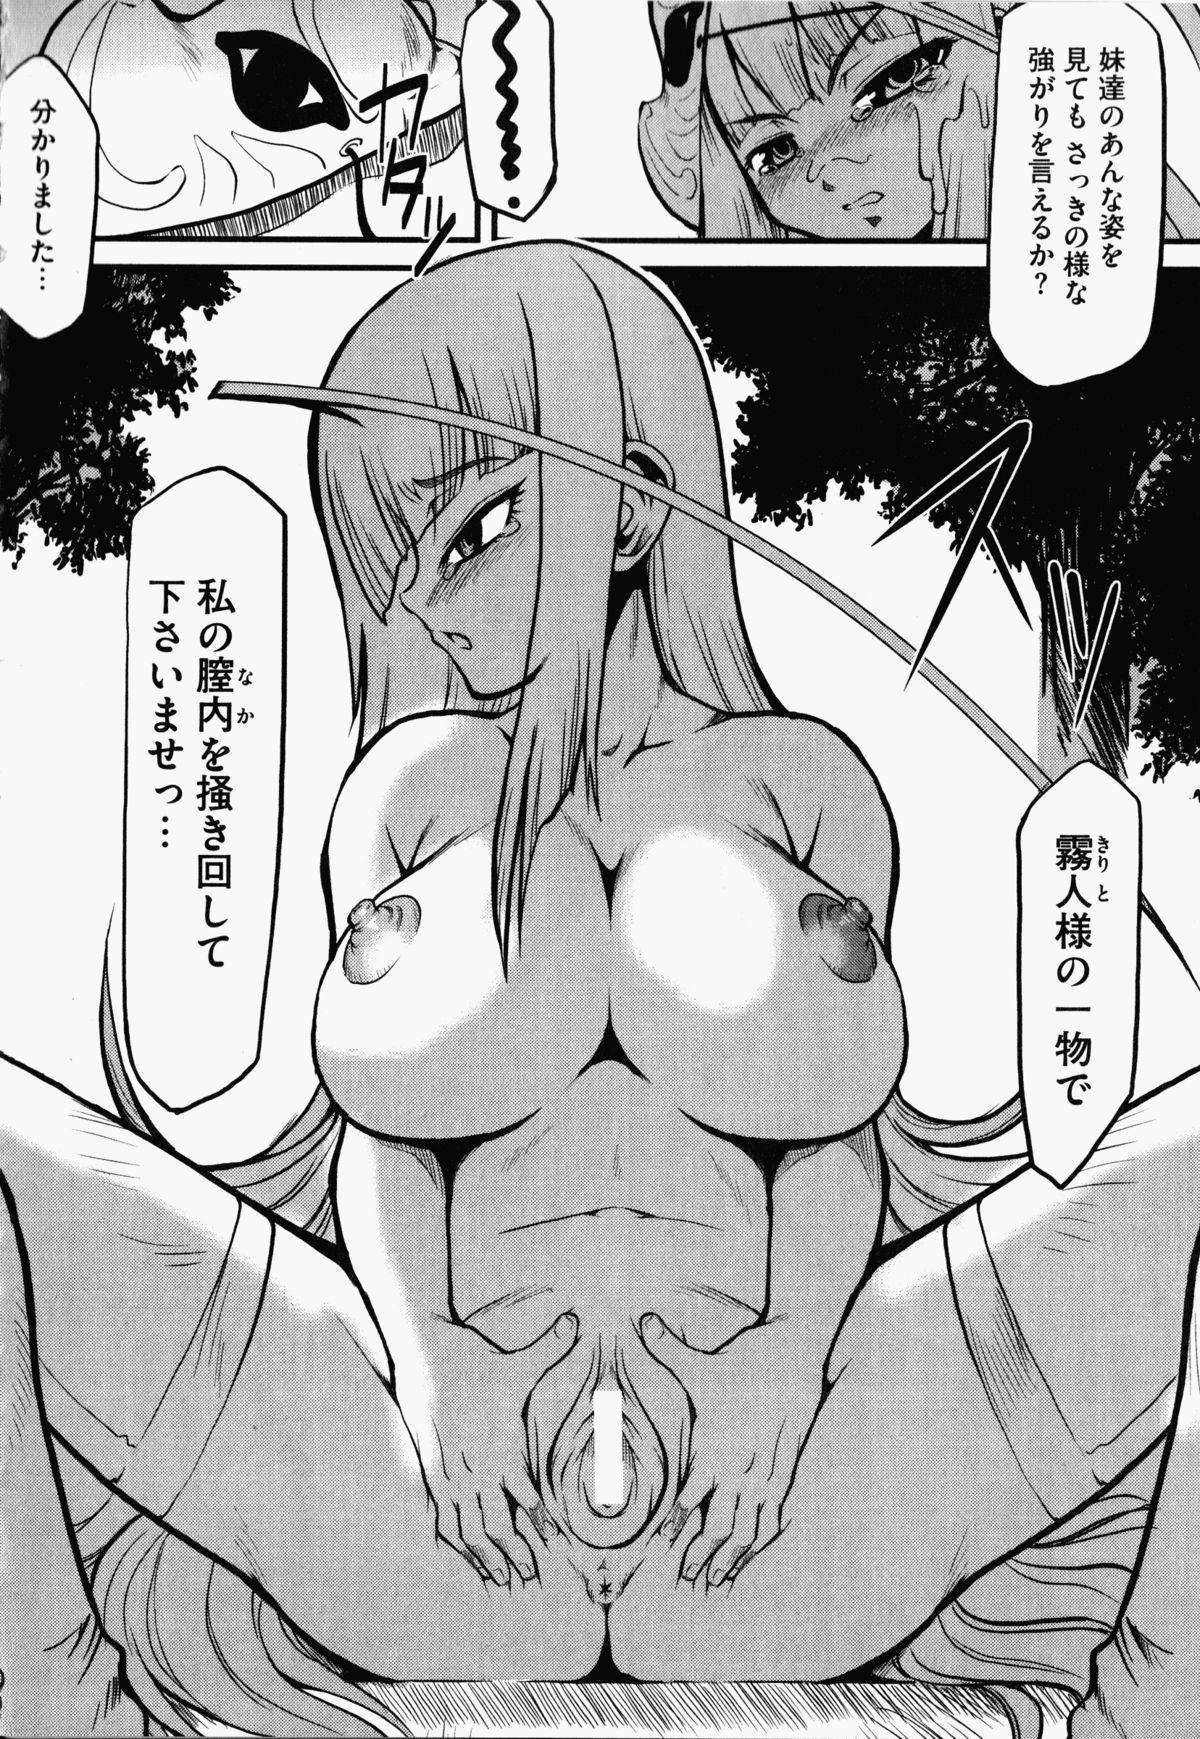 Nukenin - Hokaku, Soshite Choukyou e... 114